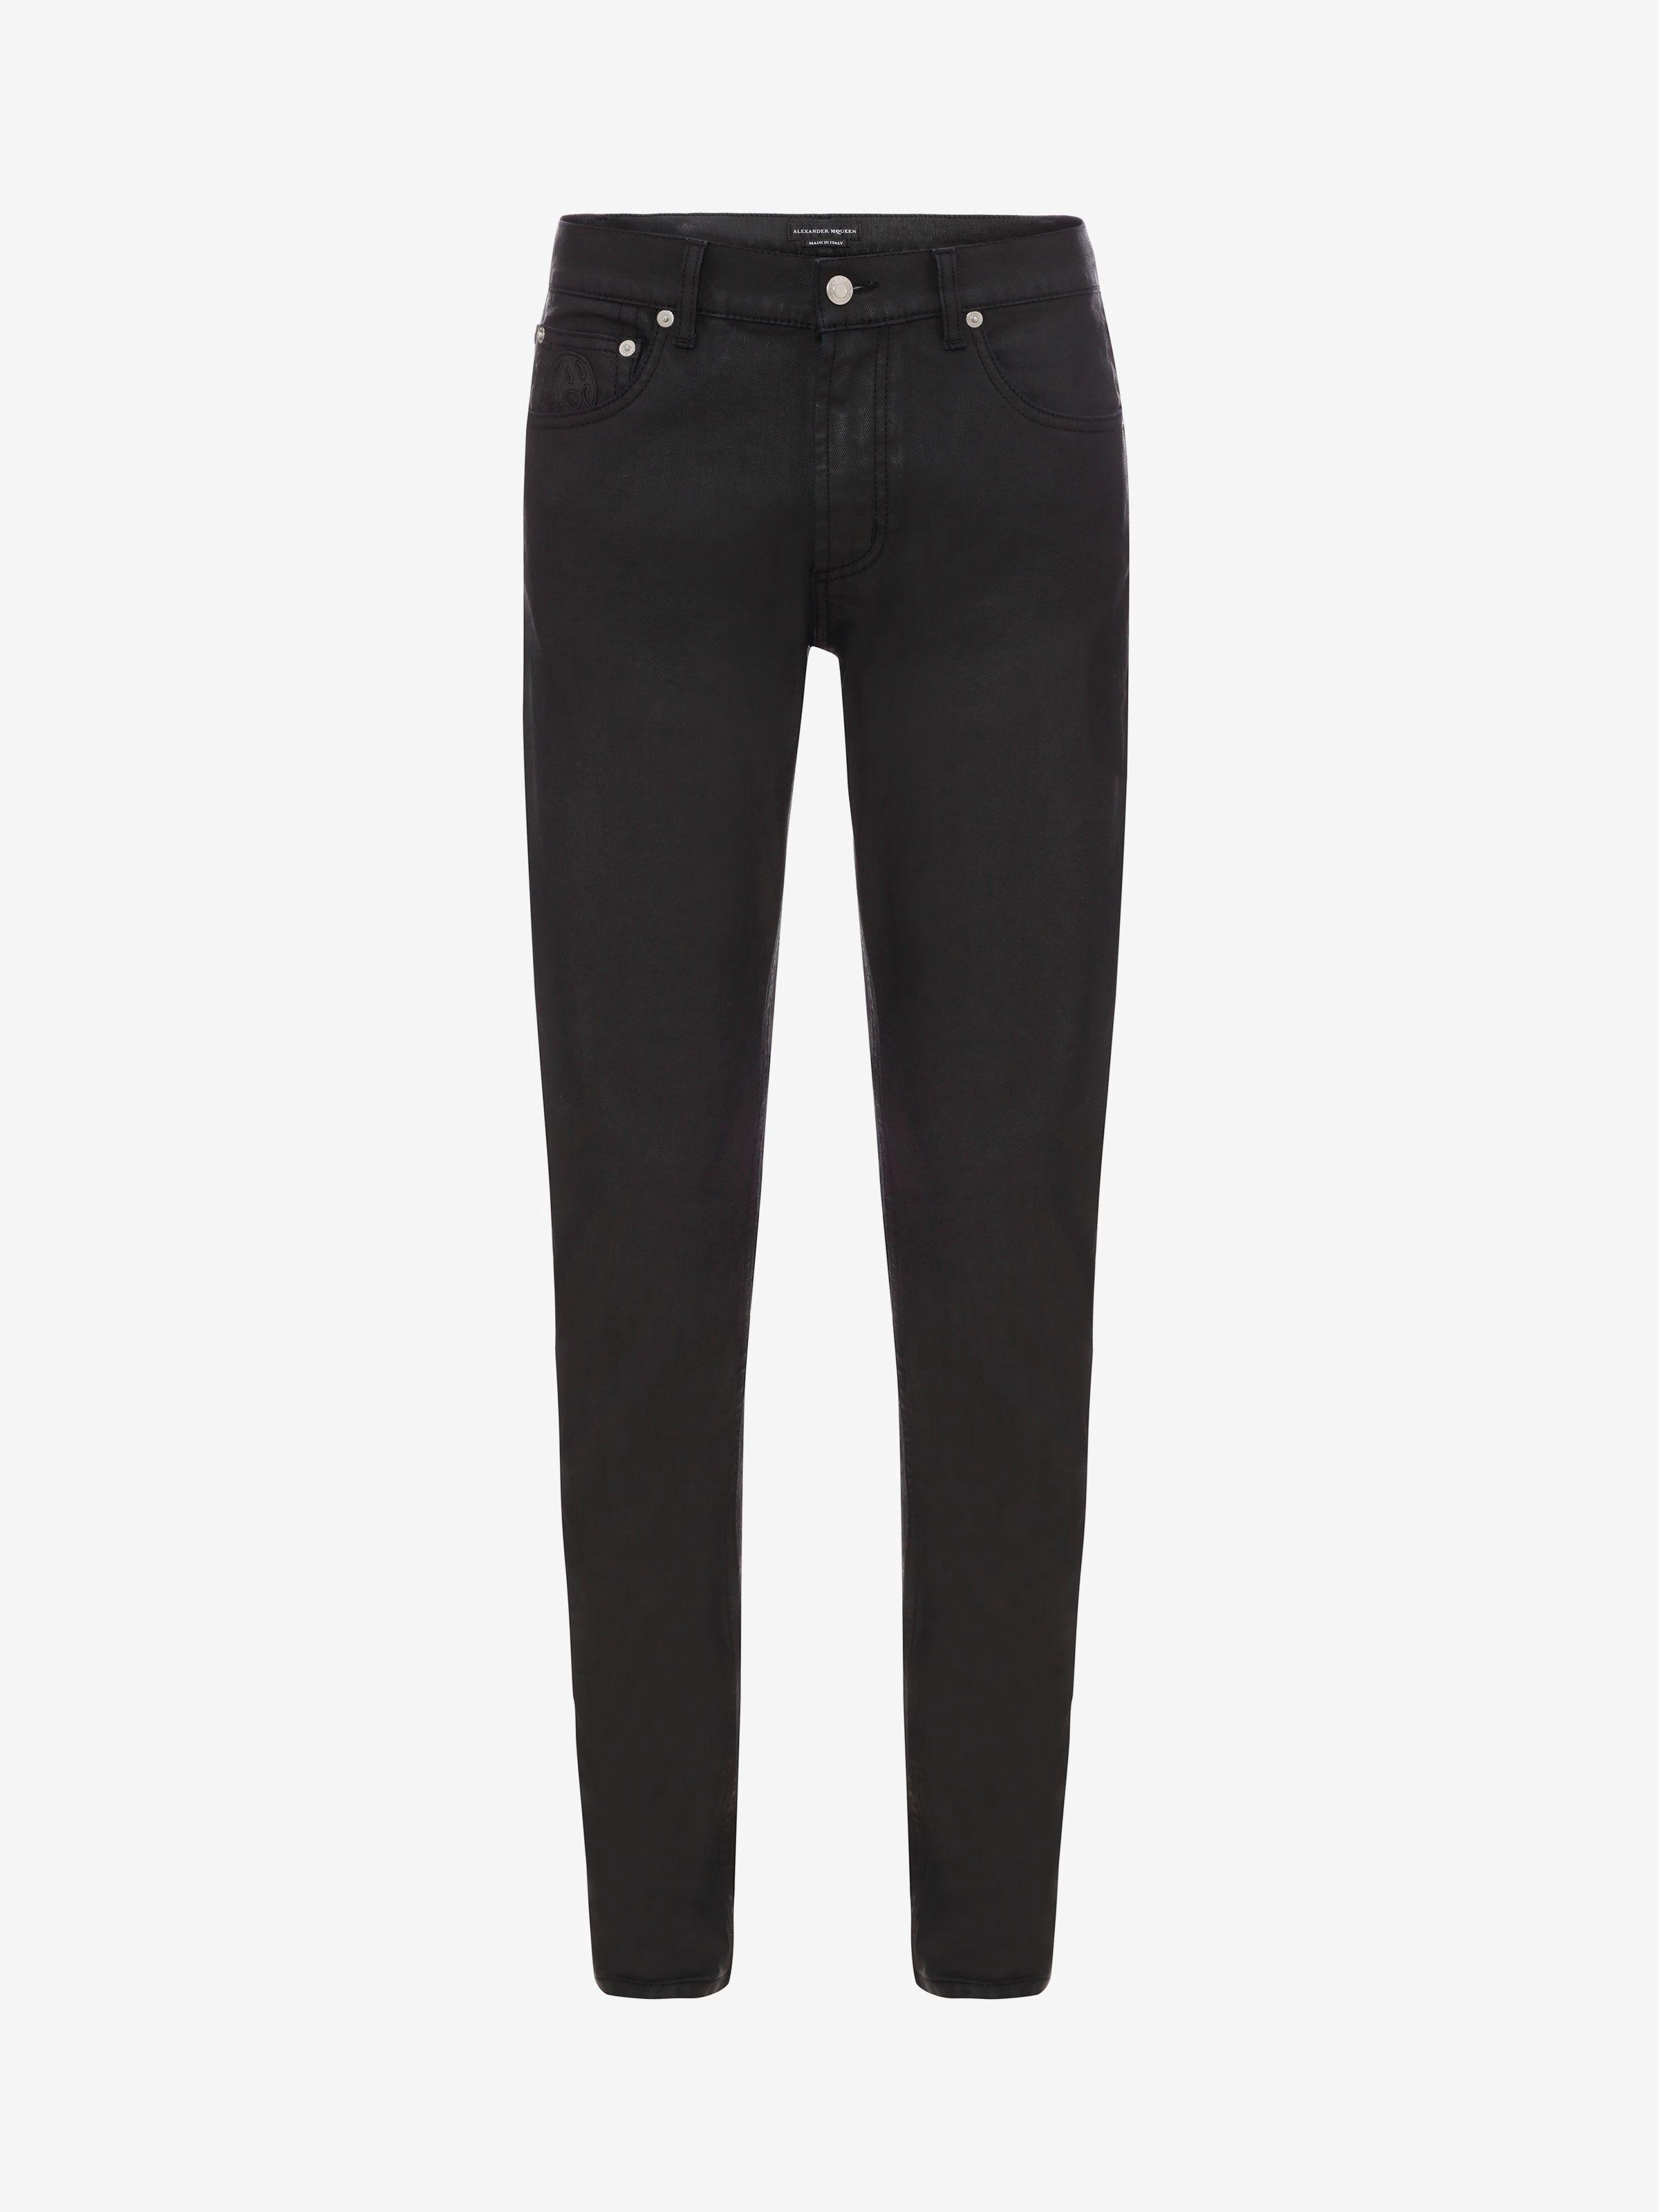 ALEXANDER MCQUEEN Stretch Denim Black Jeans